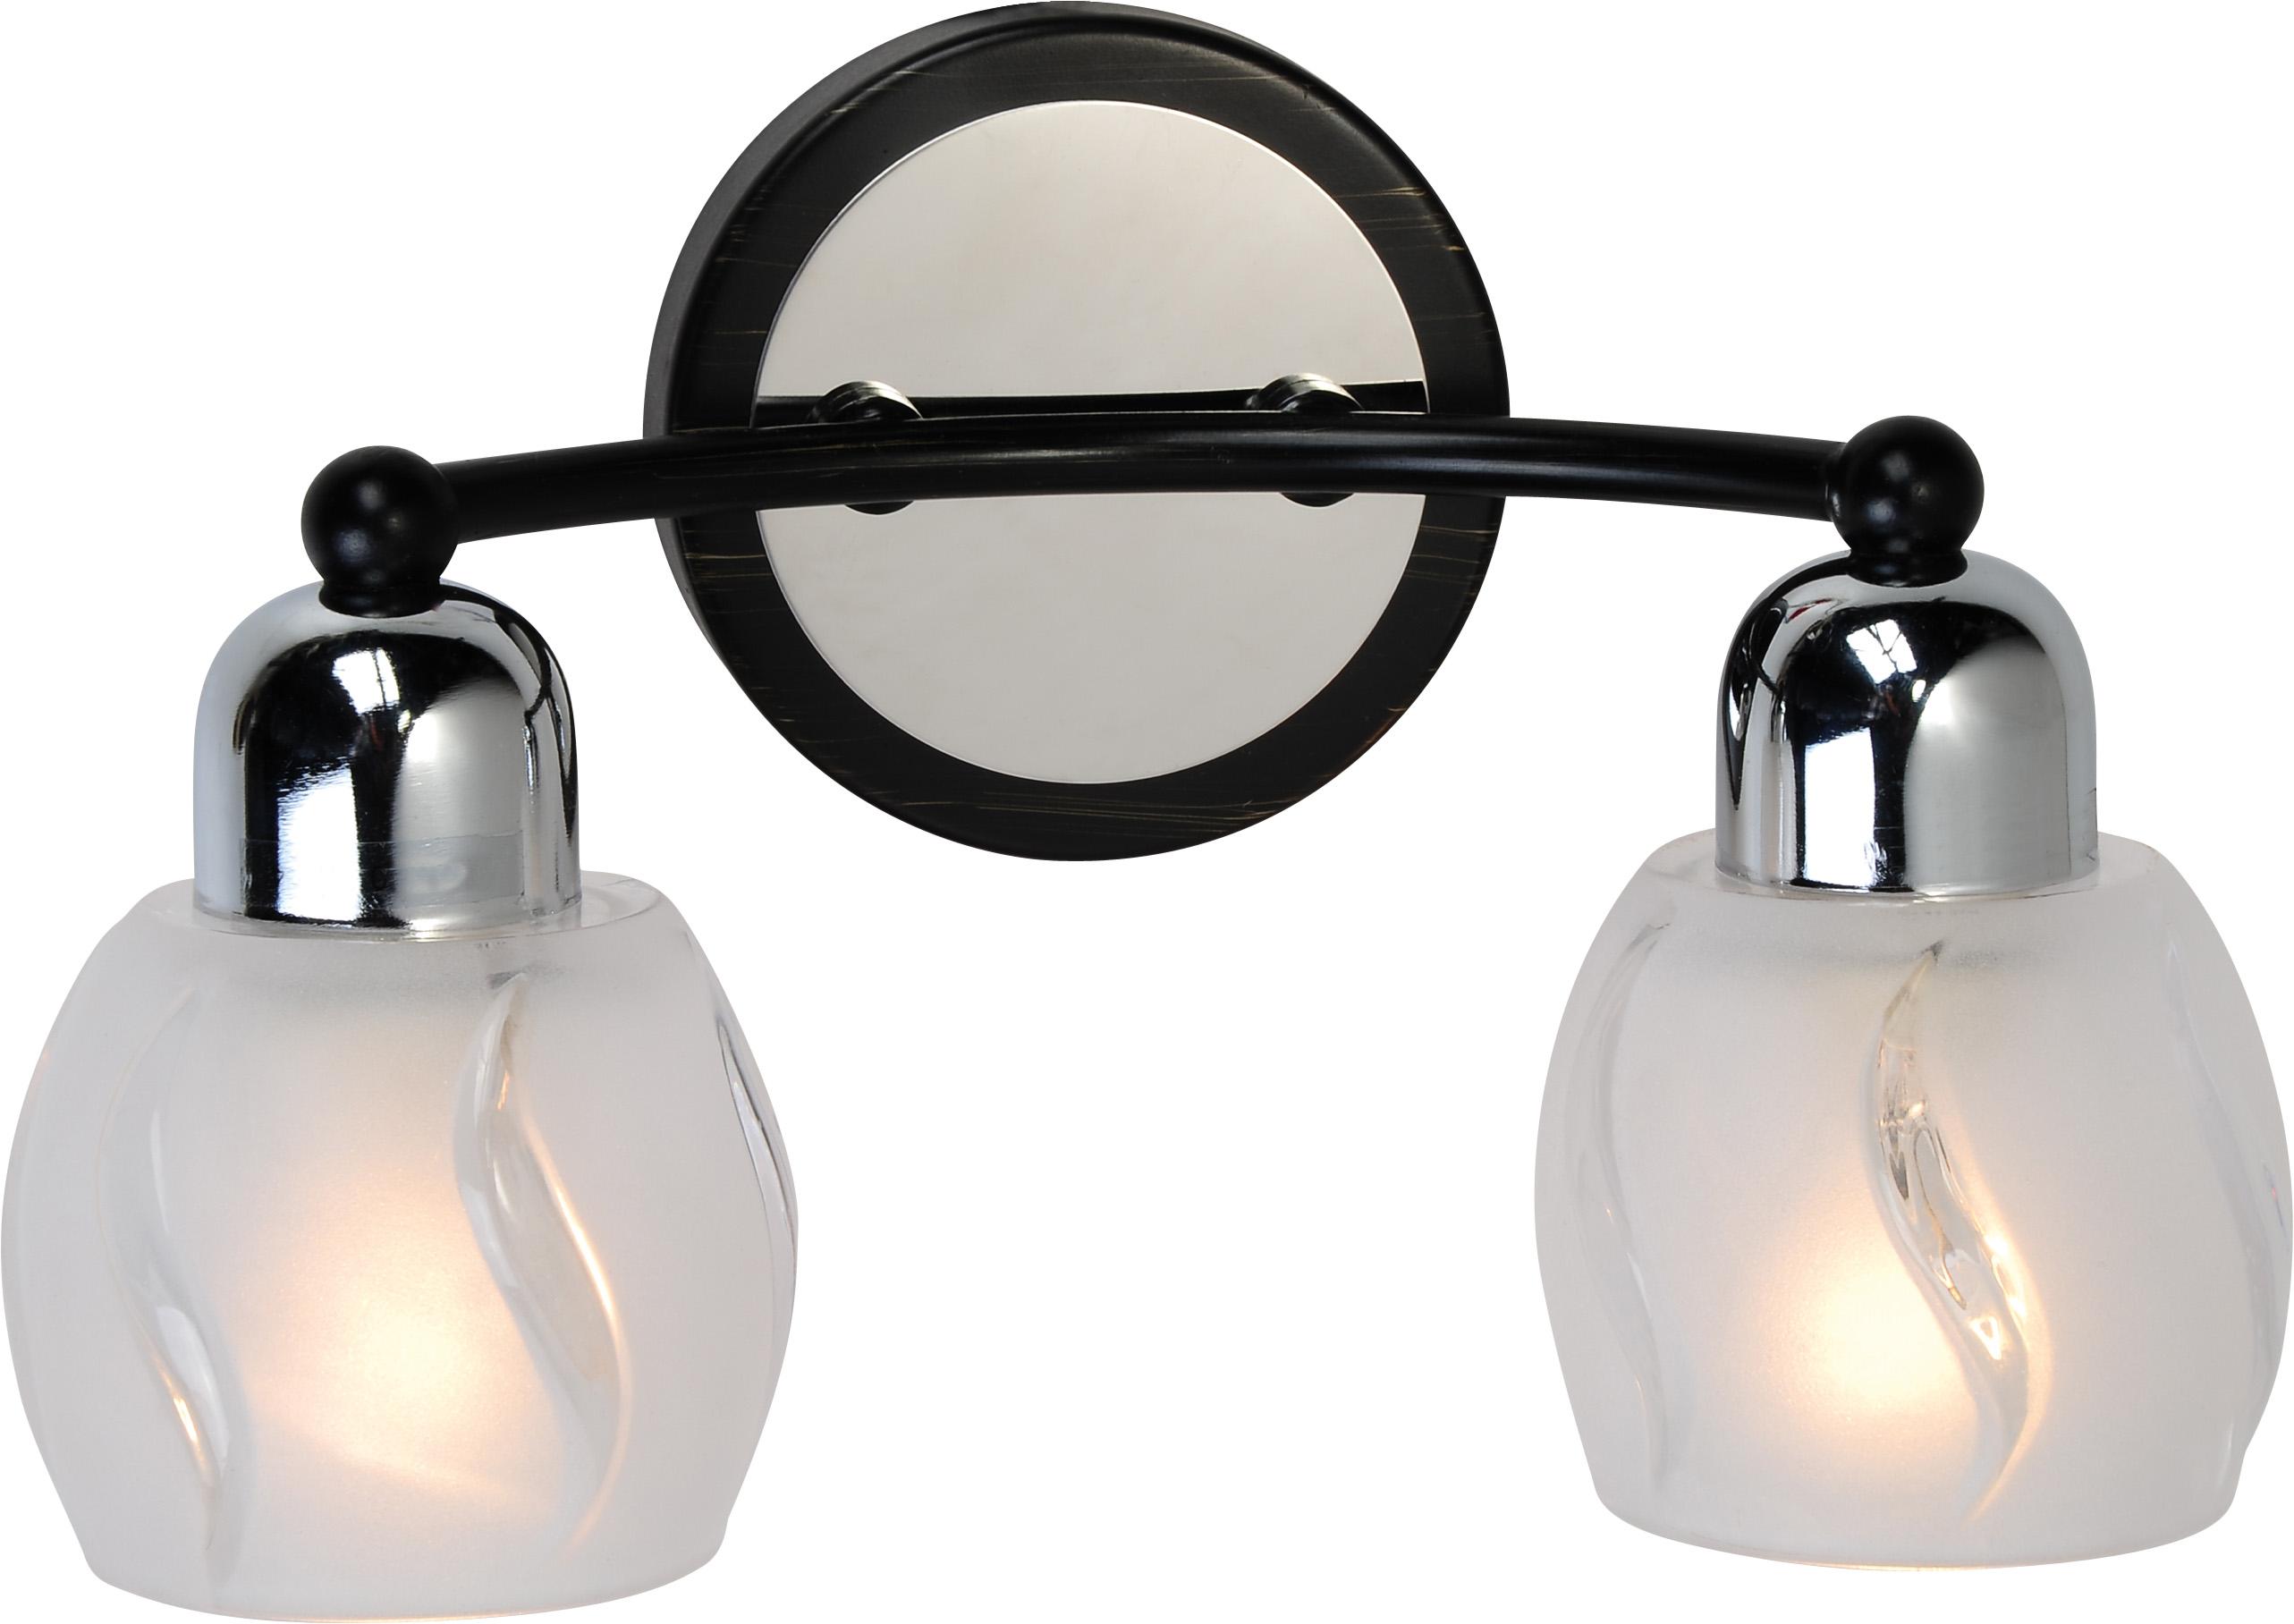 Бра LussoleНастенные светильники и бра<br>Тип: настенный,<br>Назначение светильника: для комнаты,<br>Стиль светильника: модерн,<br>Материал светильника: металл, стекло,<br>Тип лампы: накаливания,<br>Количество ламп: 2,<br>Мощность: 40,<br>Патрон: Е14,<br>Цвет арматуры: хром,<br>Ширина: 260<br>